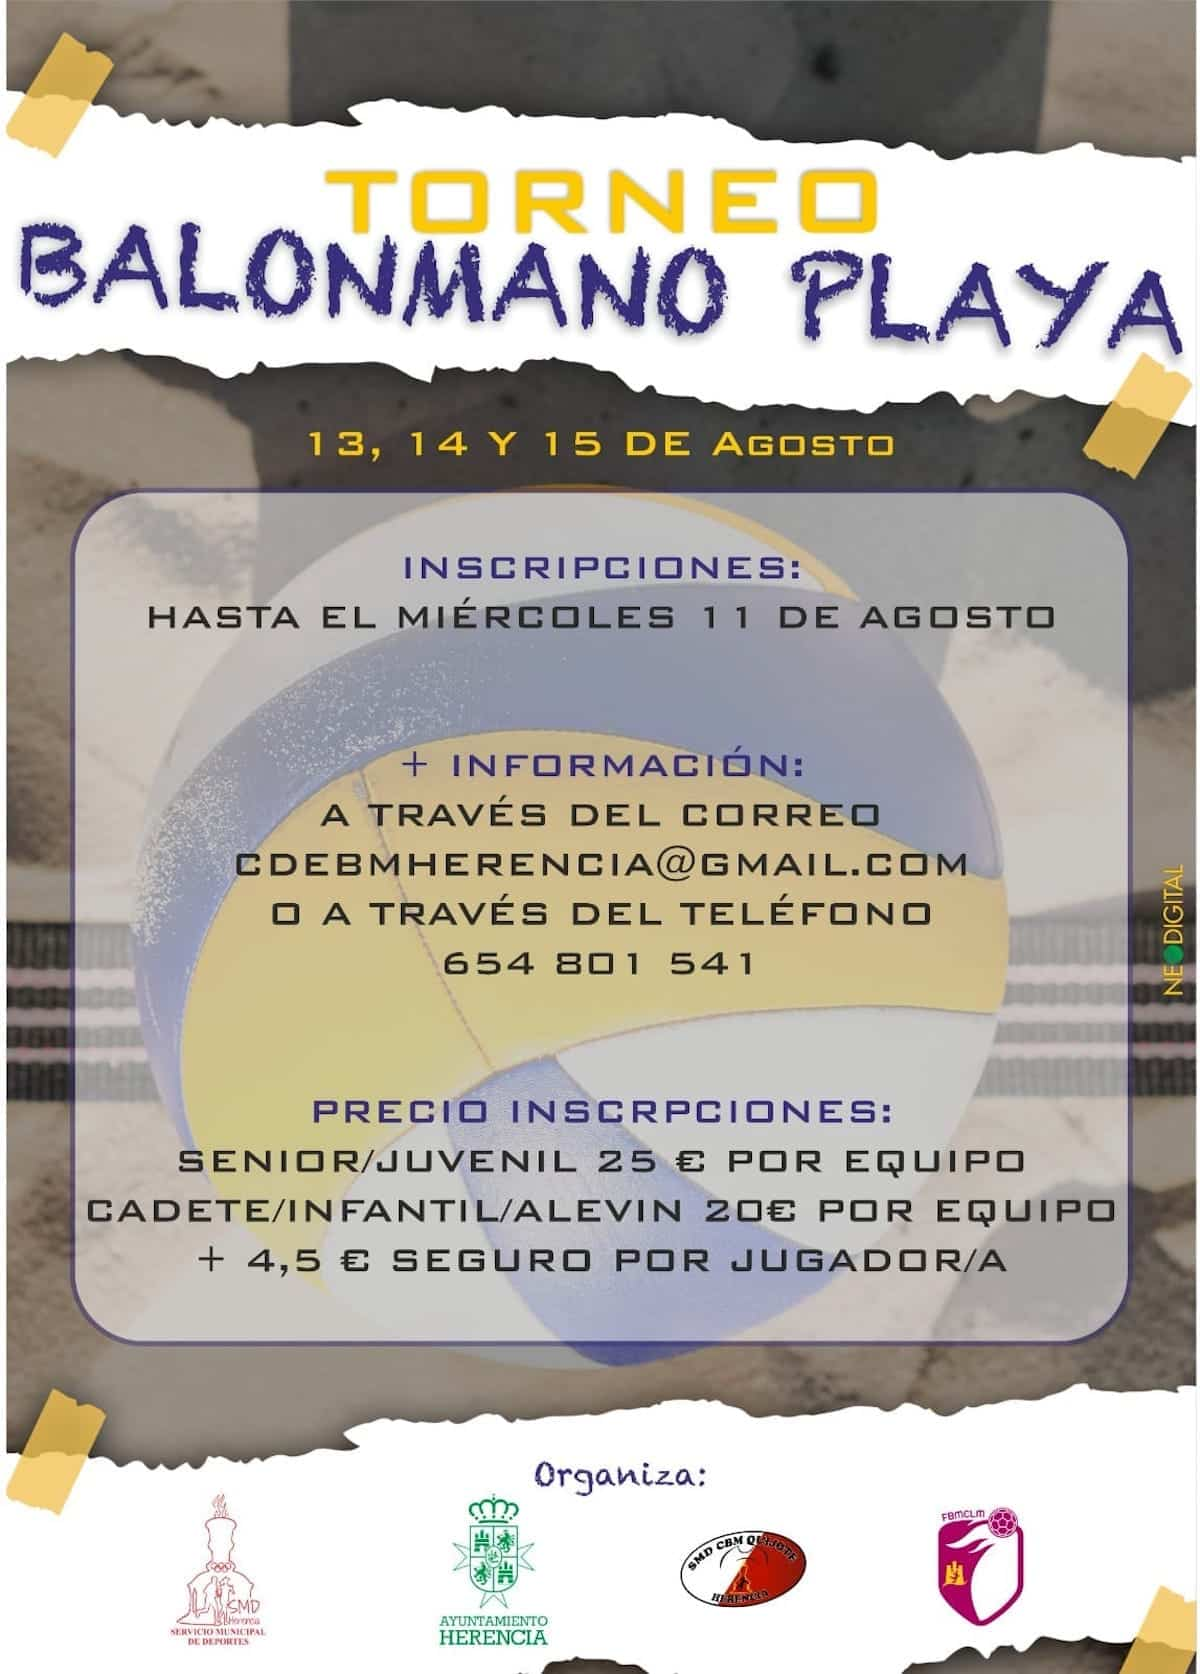 Torneo de Balonmano Playa en Herencia entre el 13 y 15 de agosto 3